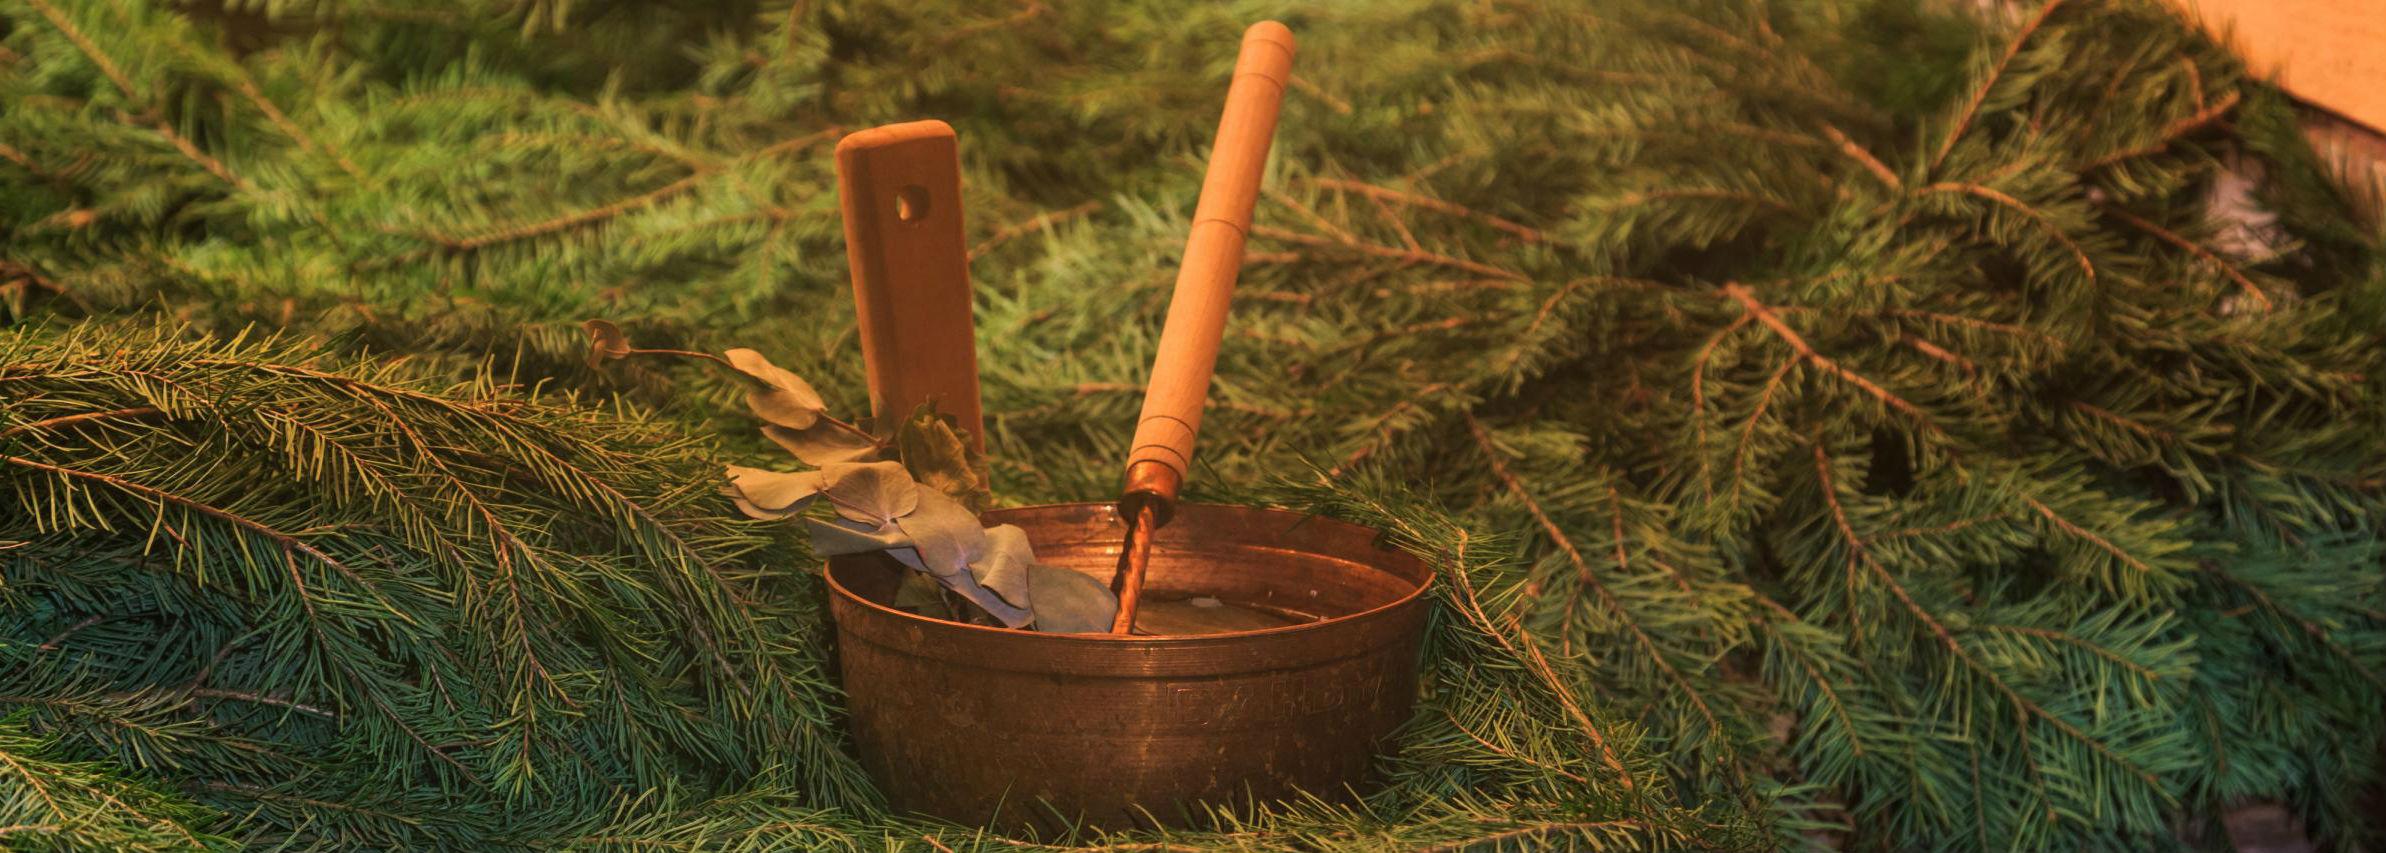 Можжевеловый веник для бани и его польза